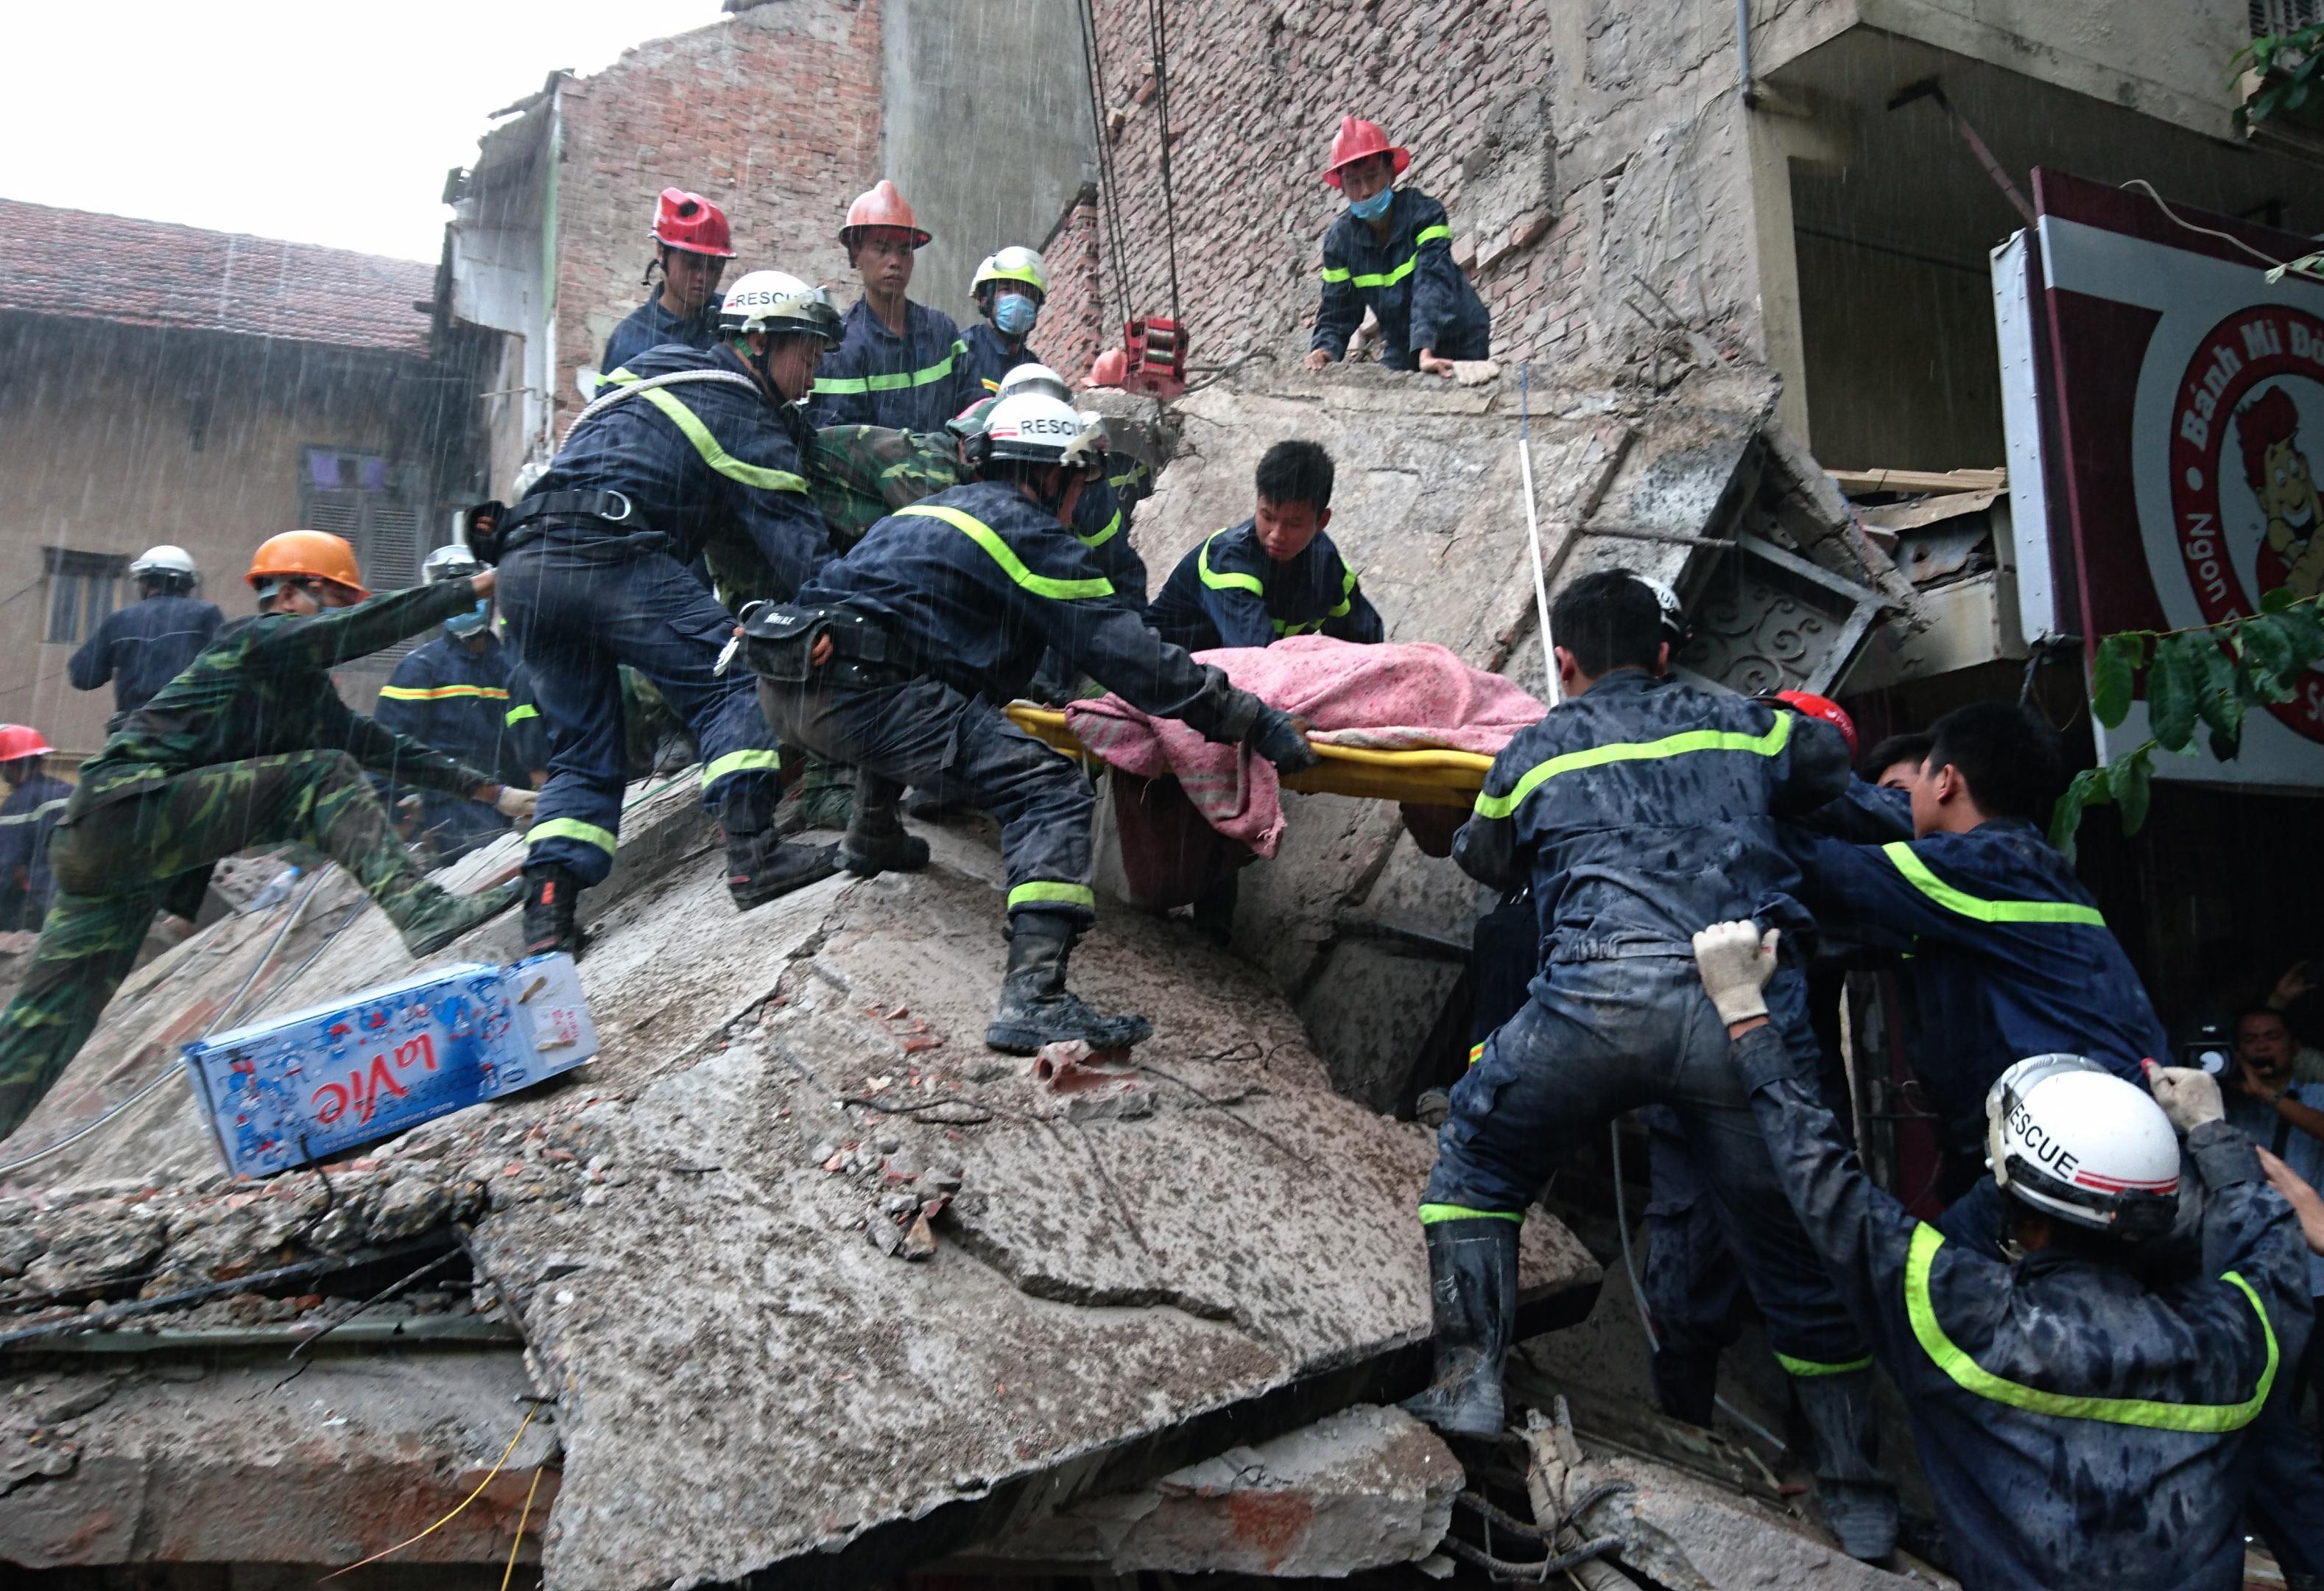 Vụ sập ngôi nhà số 43, phố Cửa Bắc sáng nay đã làm 2 người tử vong.